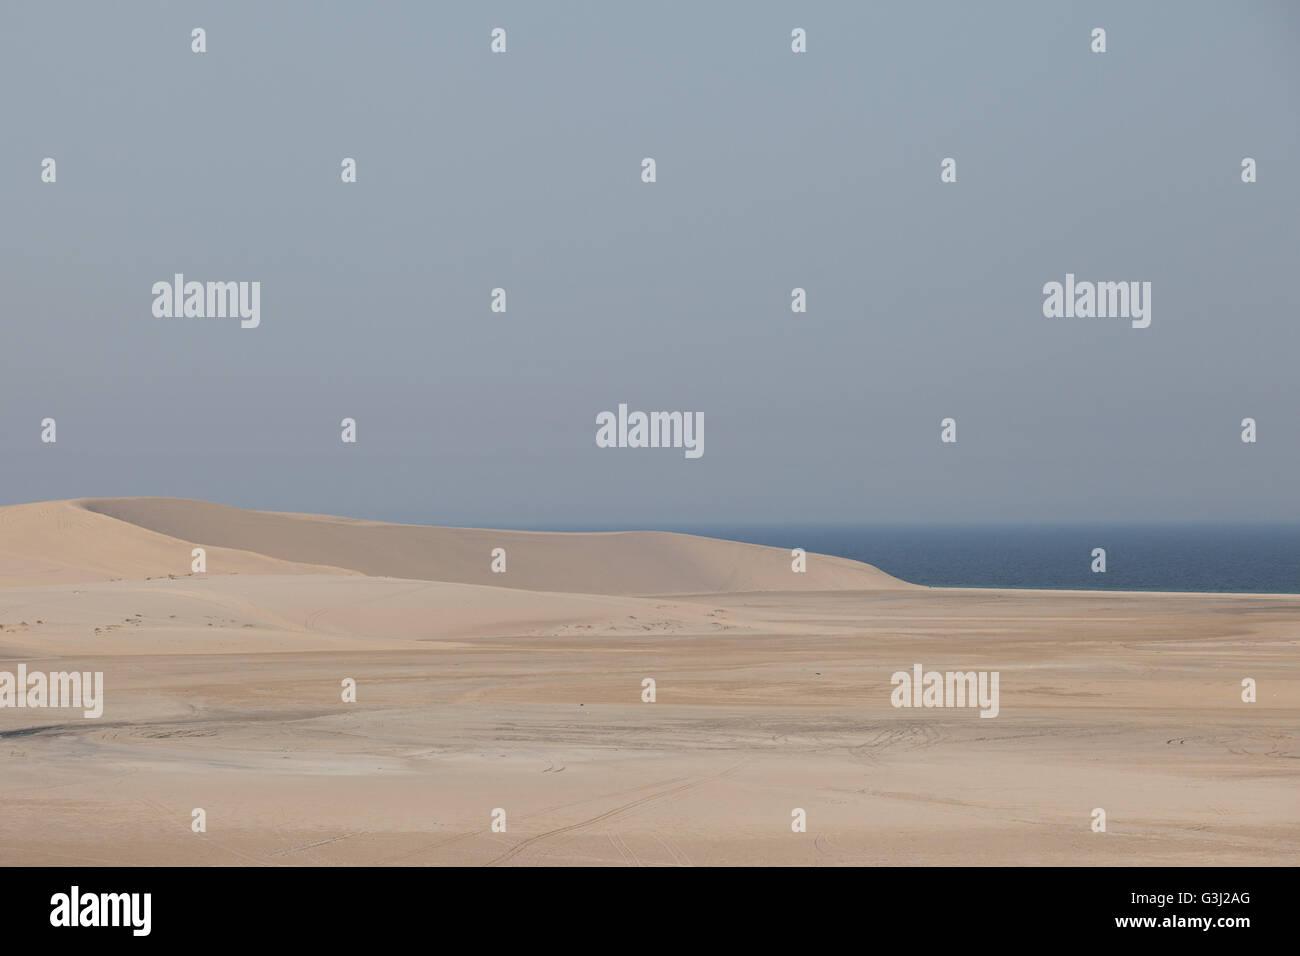 Sand dune, desert in Qatar, next to inland sea. - Stock Image